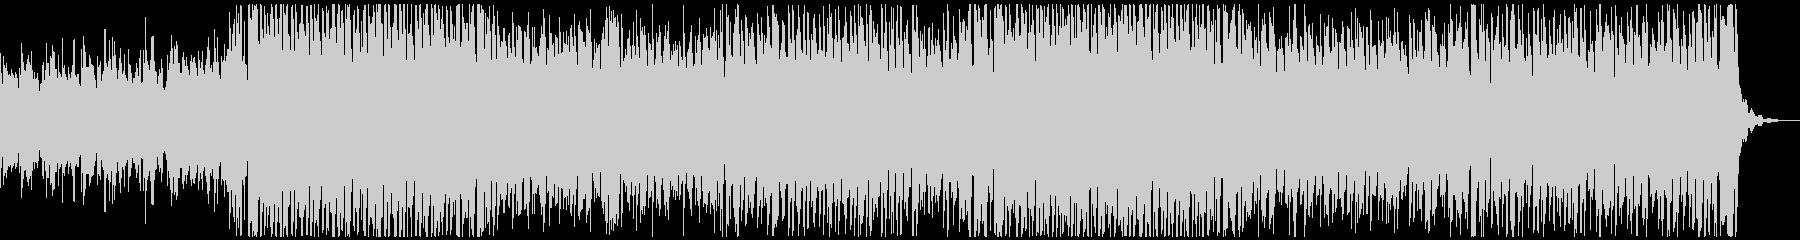 陽気な口笛のトロピカルハウスの未再生の波形